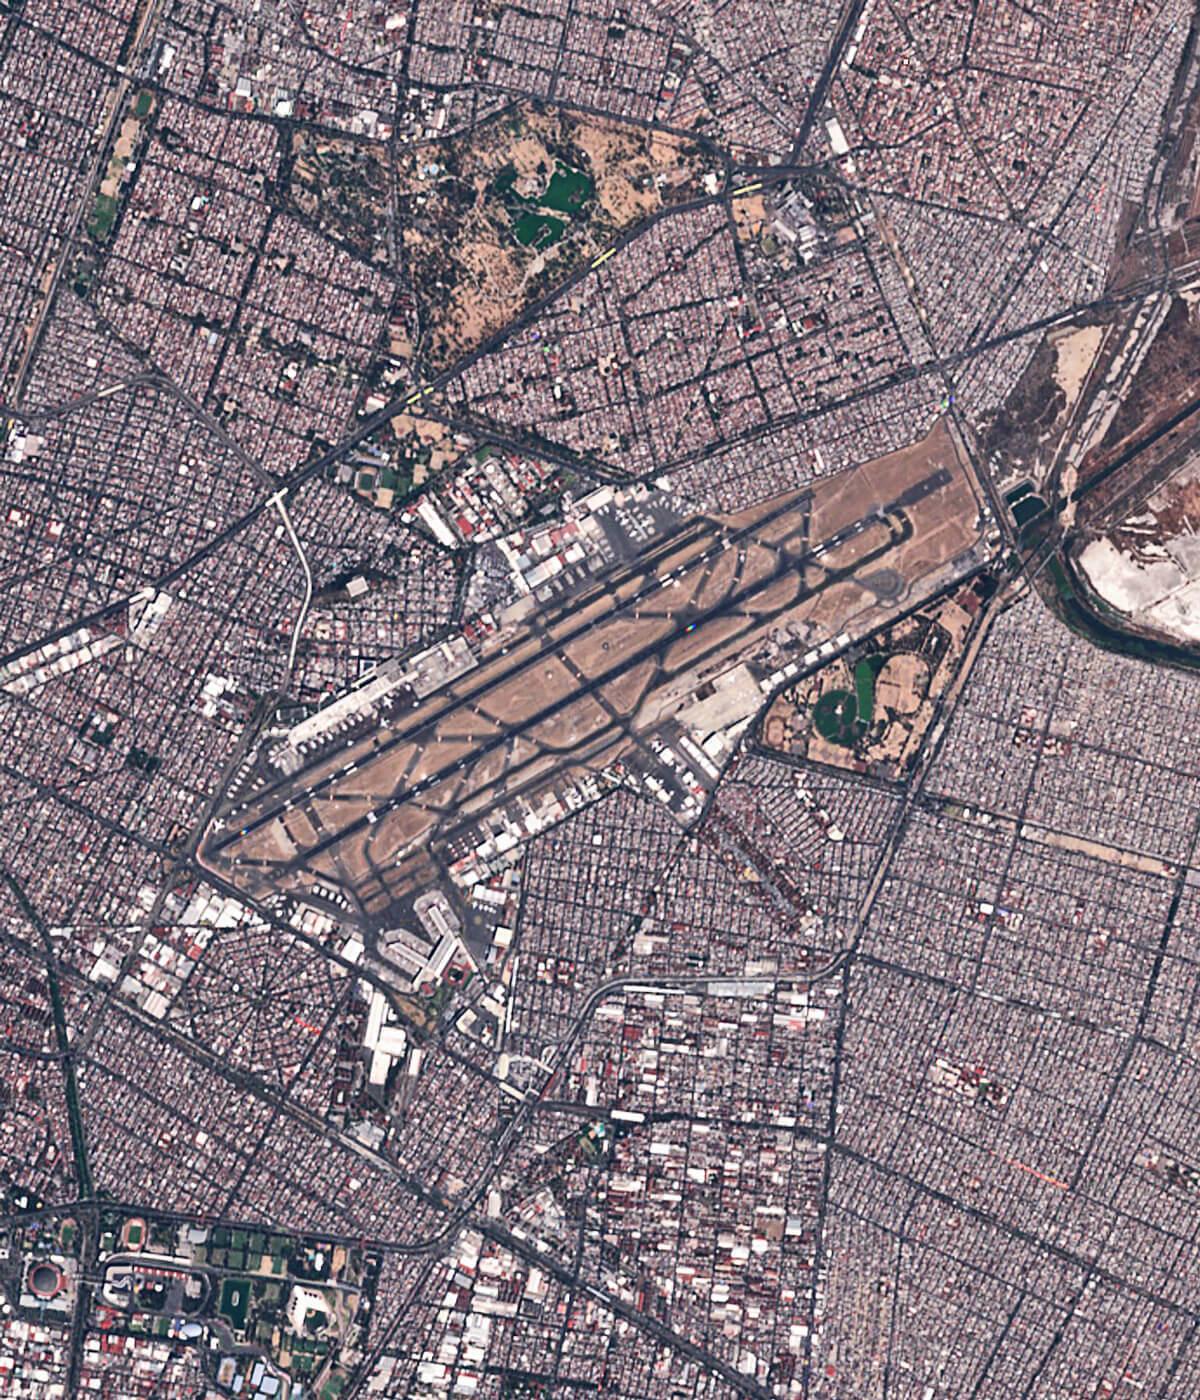 Flughafen Mexico City